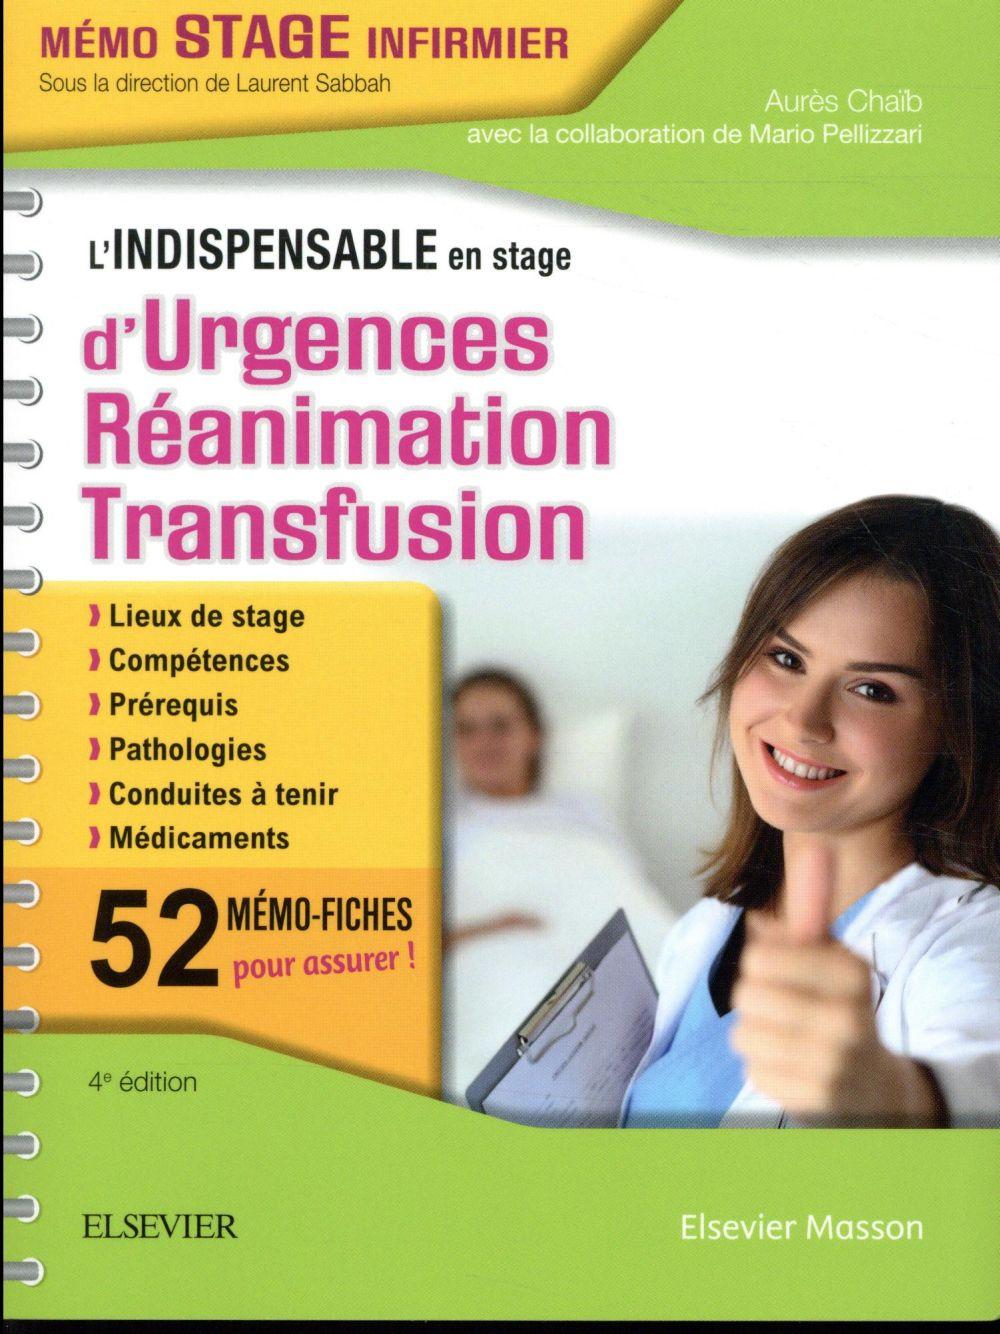 L'INDISPENSABLE EN STAGE D'URGENCES-REANIMATION-TRANSFUSION CHAIB, AURES MASSON